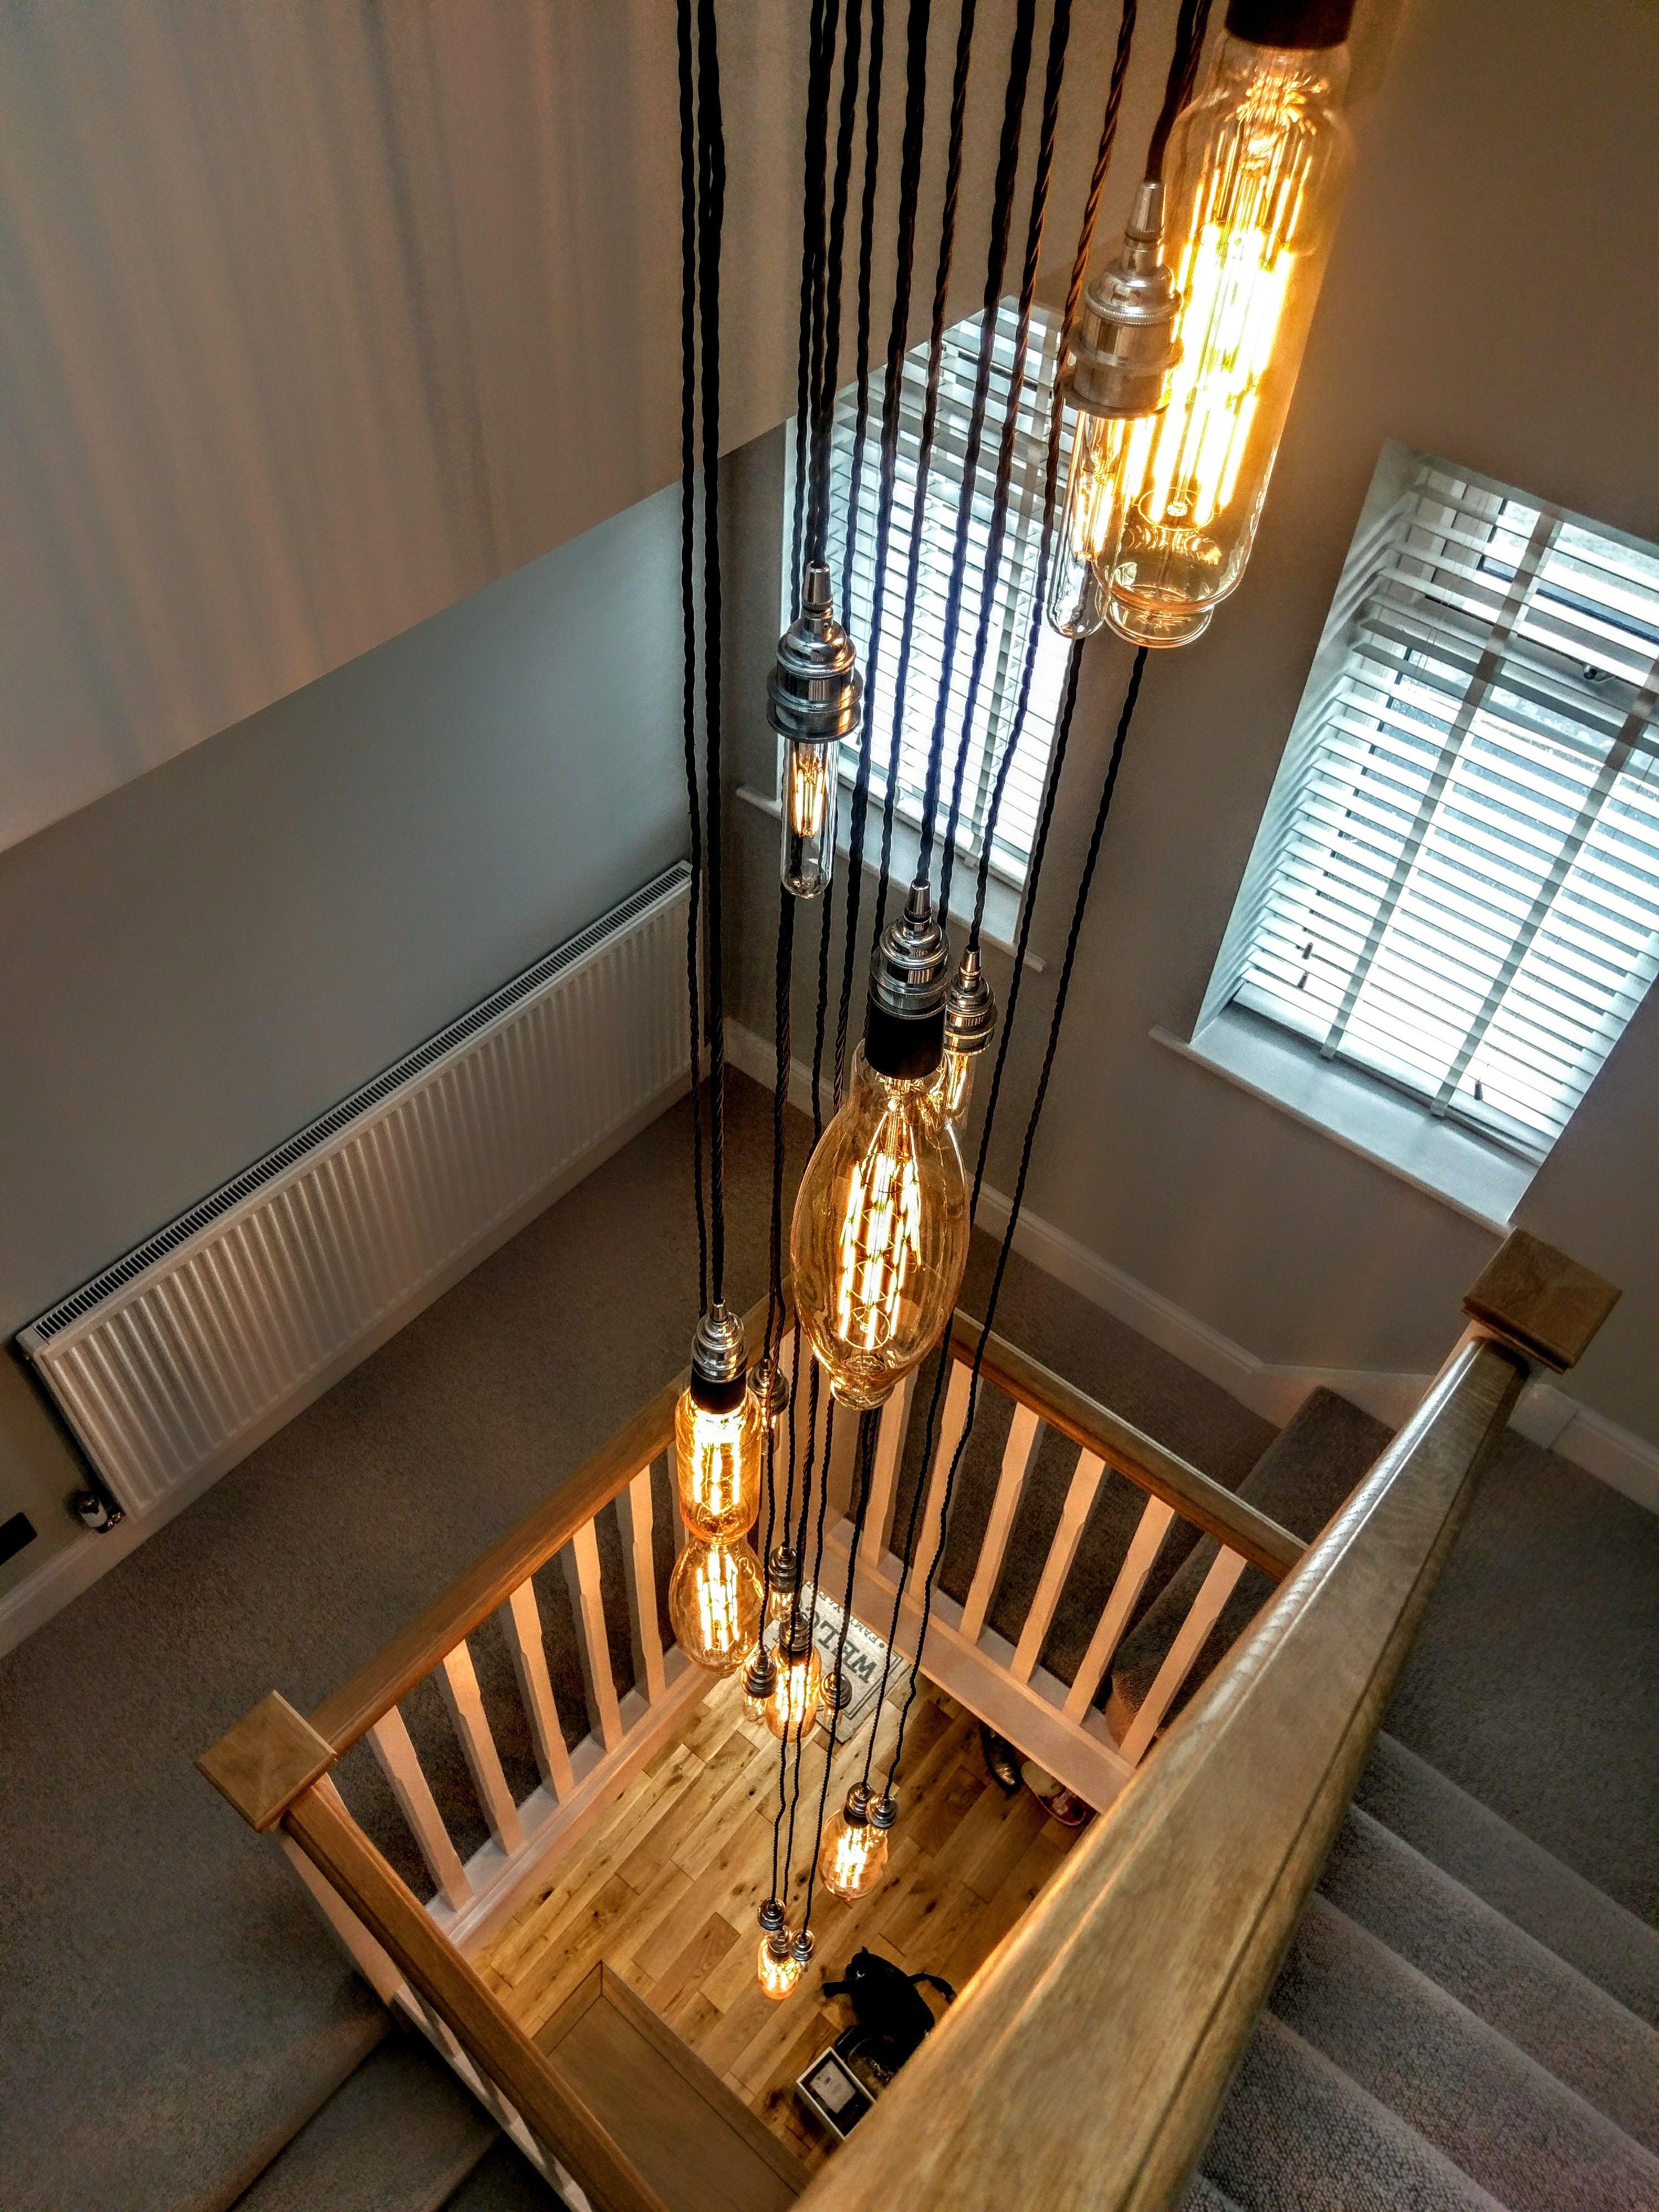 Interior design chandelier stairway LED giant bulbs E40 & E27